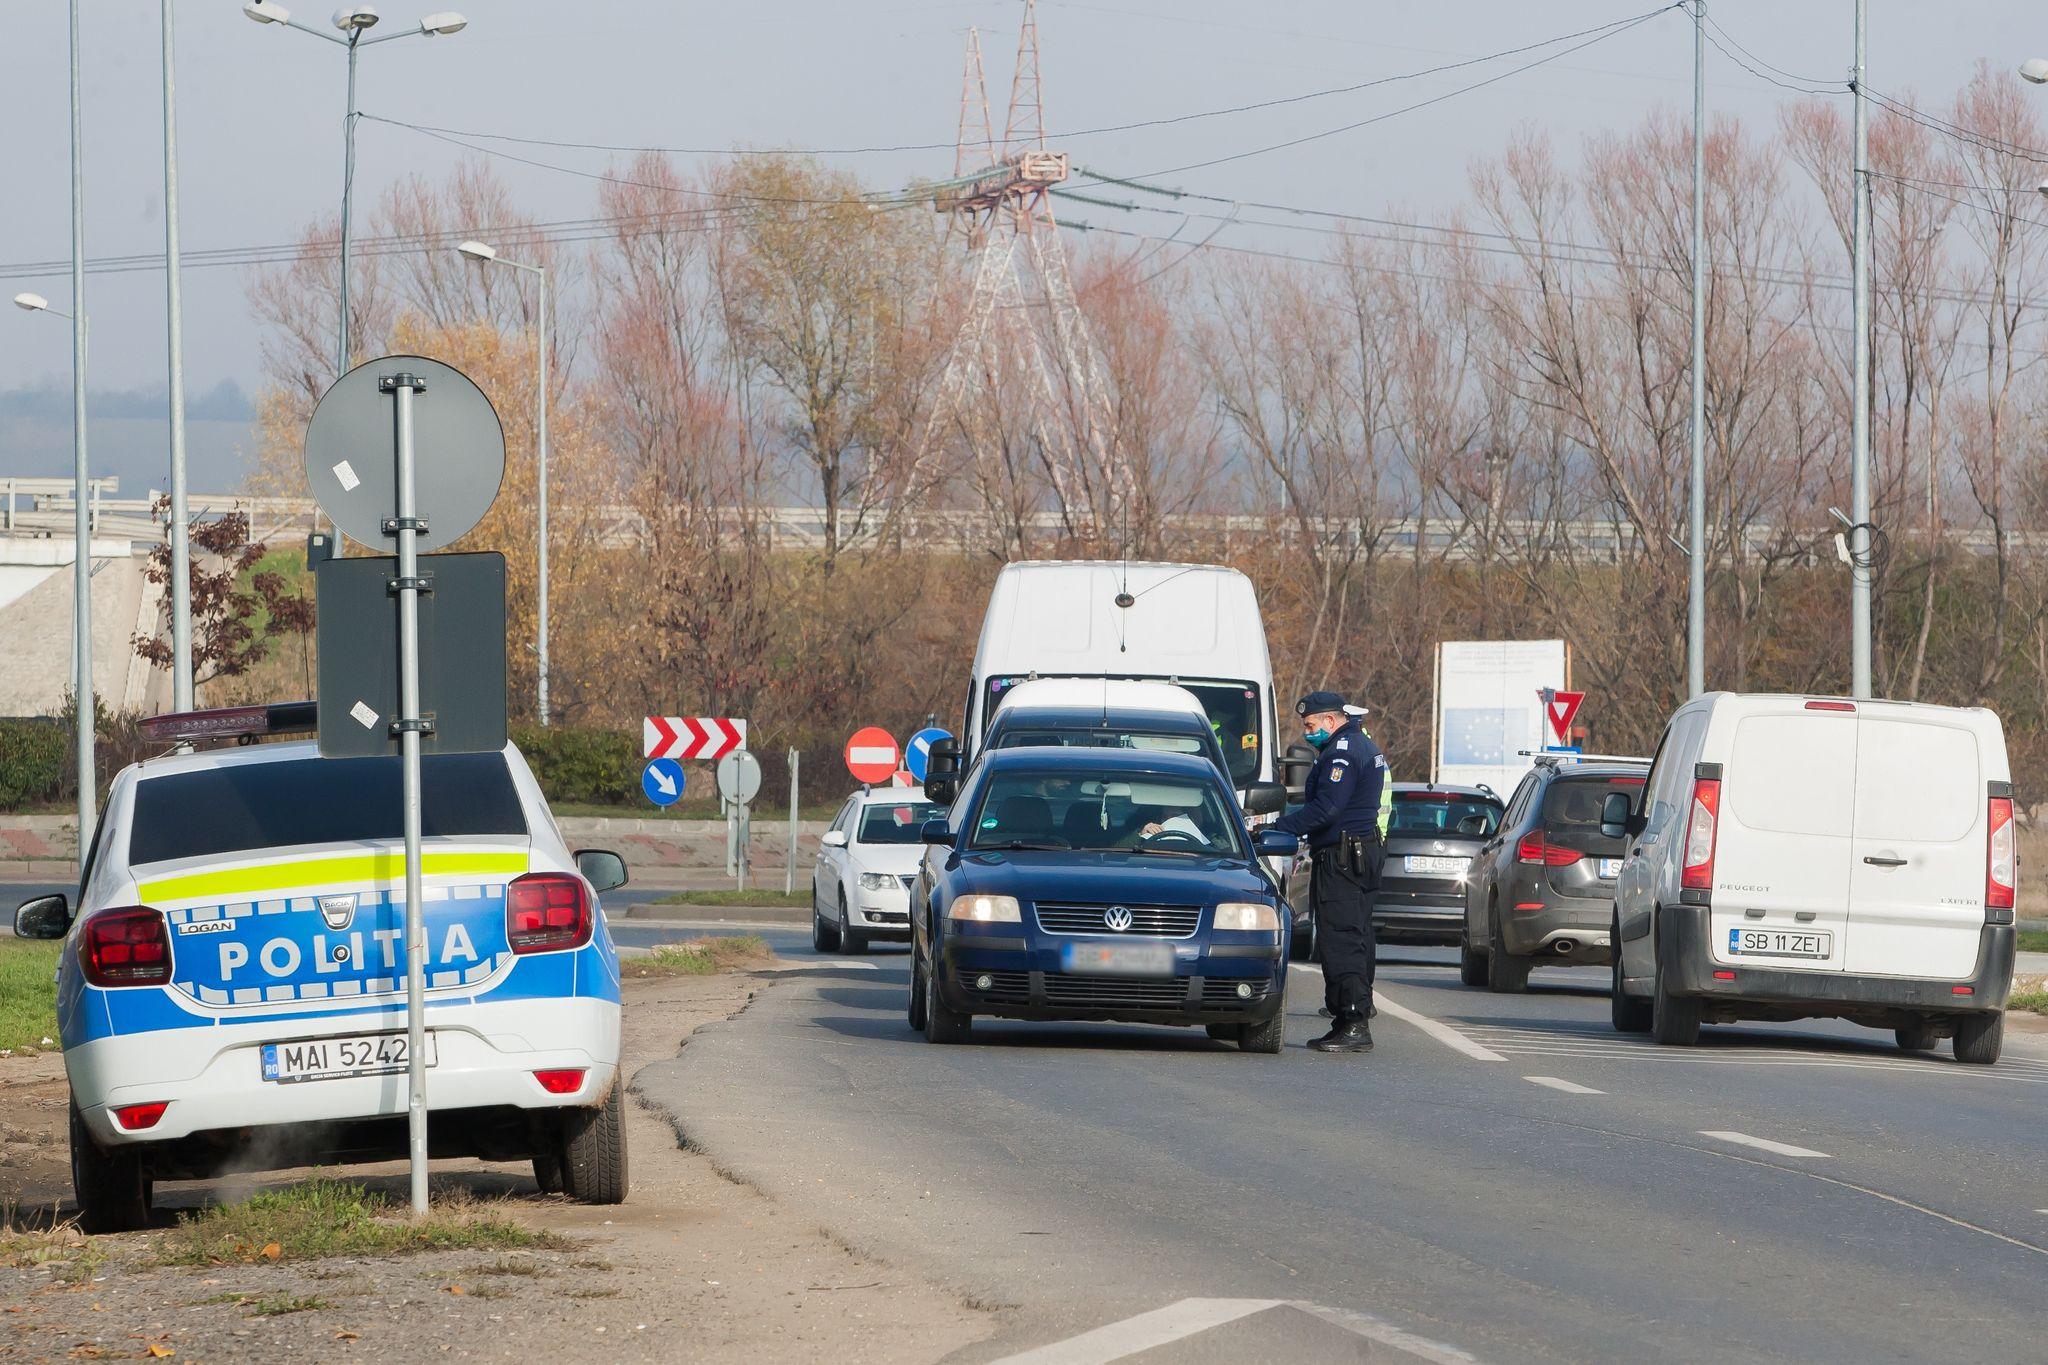 13,64 - rata de infectare în municipiul Sibiu. 2.335 de noi cazuri, în ultimele două săptămâni